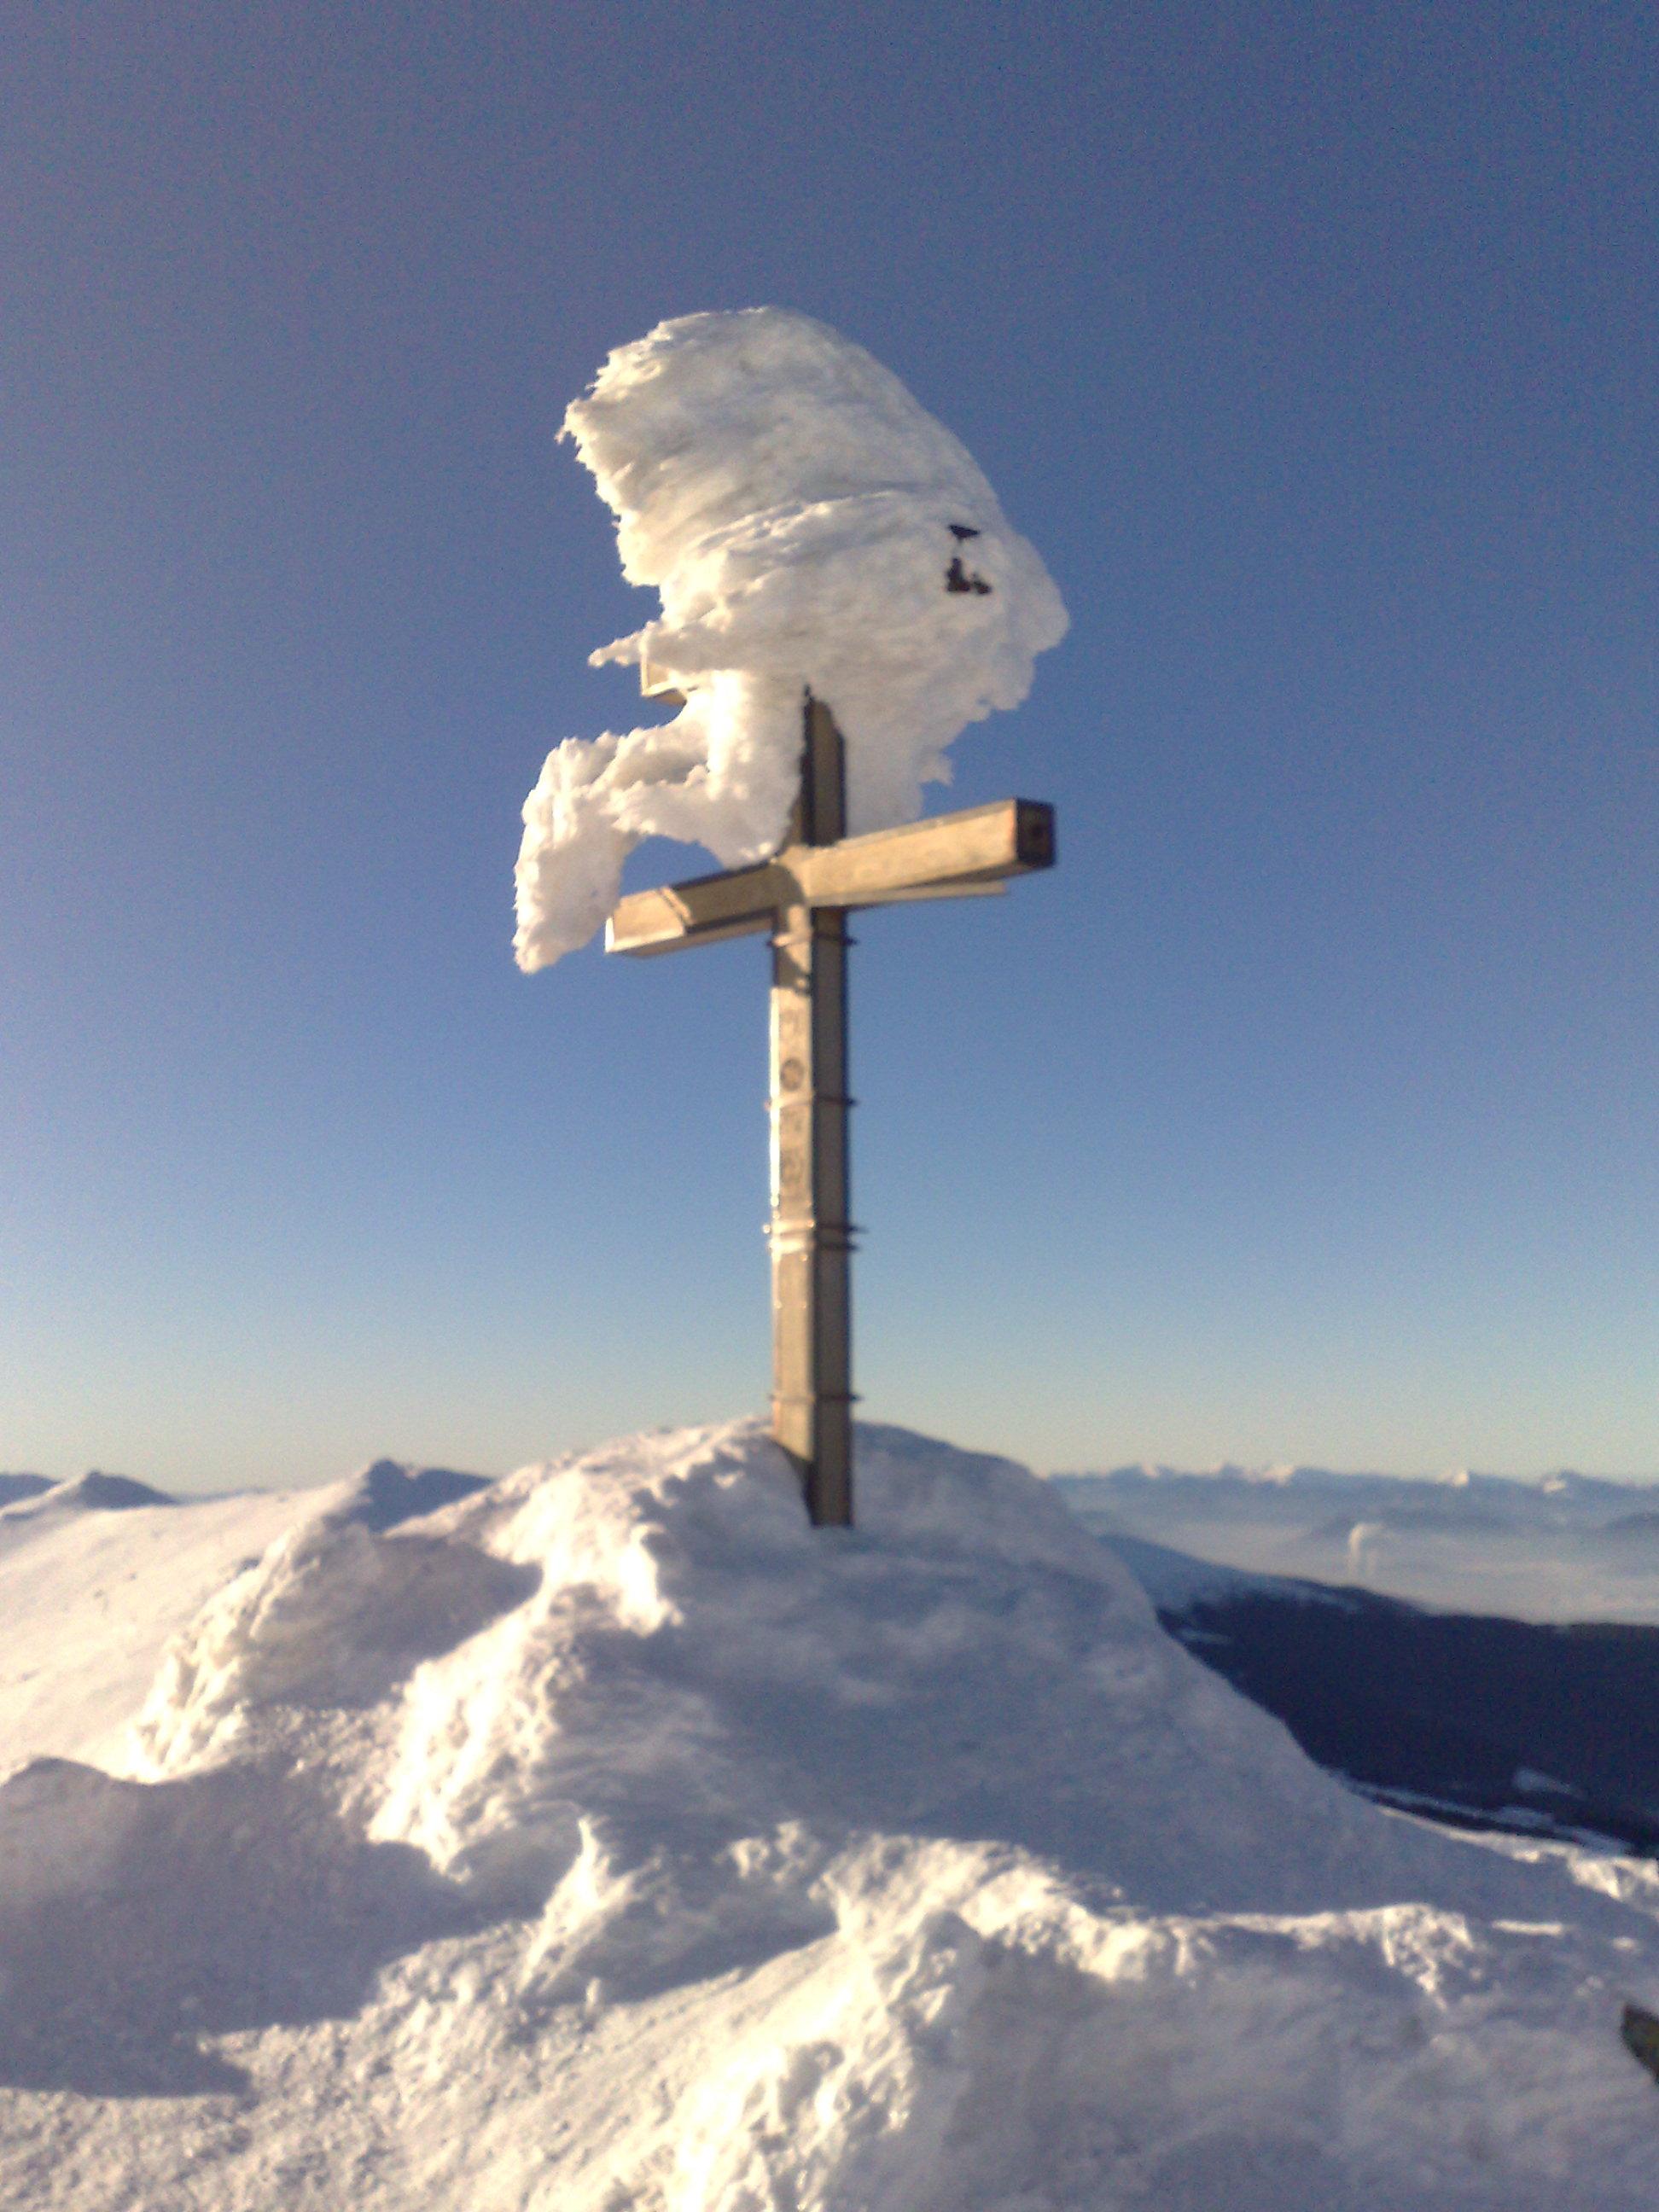 Tarts velünk és hódítsuk meg hótalppal az Alacsony-Tátra legmagasabb csúcsait. A Chopokról és a Gyömbérről páratlan panoráma tárul elénk, a gerinctúra során végig a Magas-Tátra hegyvonulatában gyönyörködhetünk. A csúcsról lefelé útba ejtjük a hangulatos Štefánik menedékházat, hogy elszürcsölhetünk egy forró teát vagy egy finom káposztalevest.  A hótalp olyan téli felszerelés, amely nagy hóban megkönnyíti teszi a mozgást, bármilyen bakancsra rögzíthető és használata mindenki számára rövid idő alatt elsajátítható.